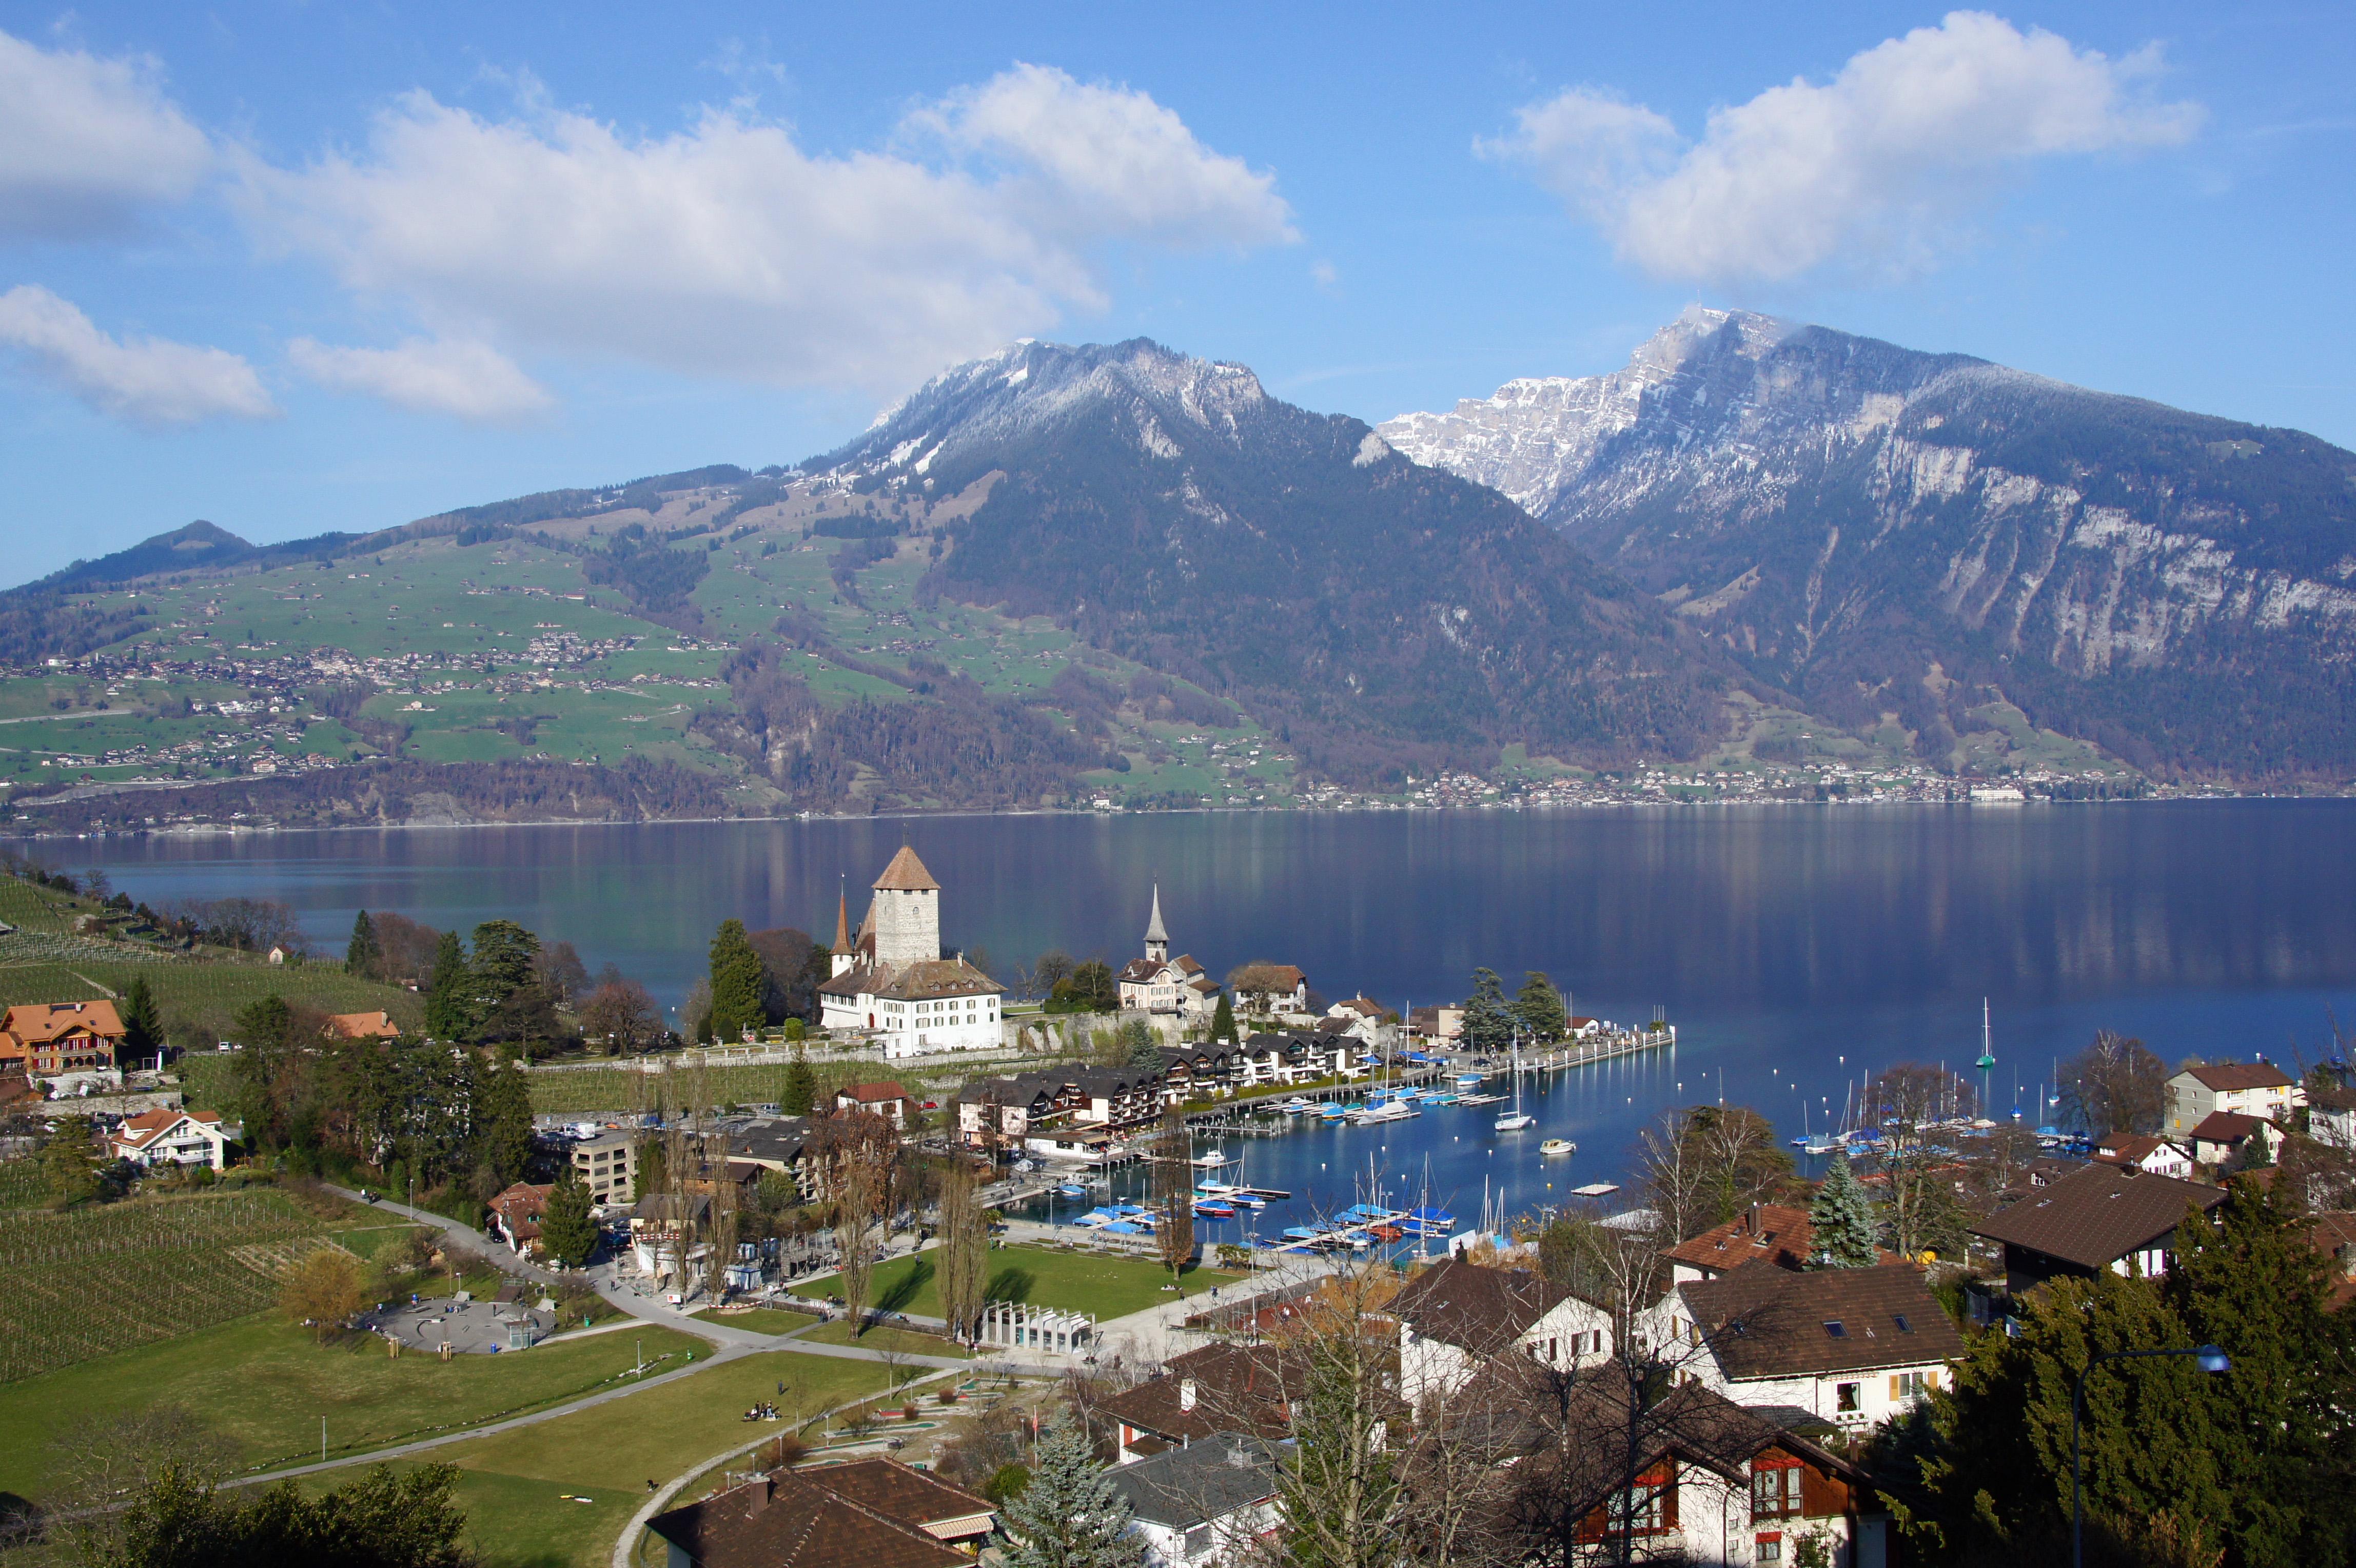 Spiez Switzerland  city photos gallery : Spiez im Jahr 2011